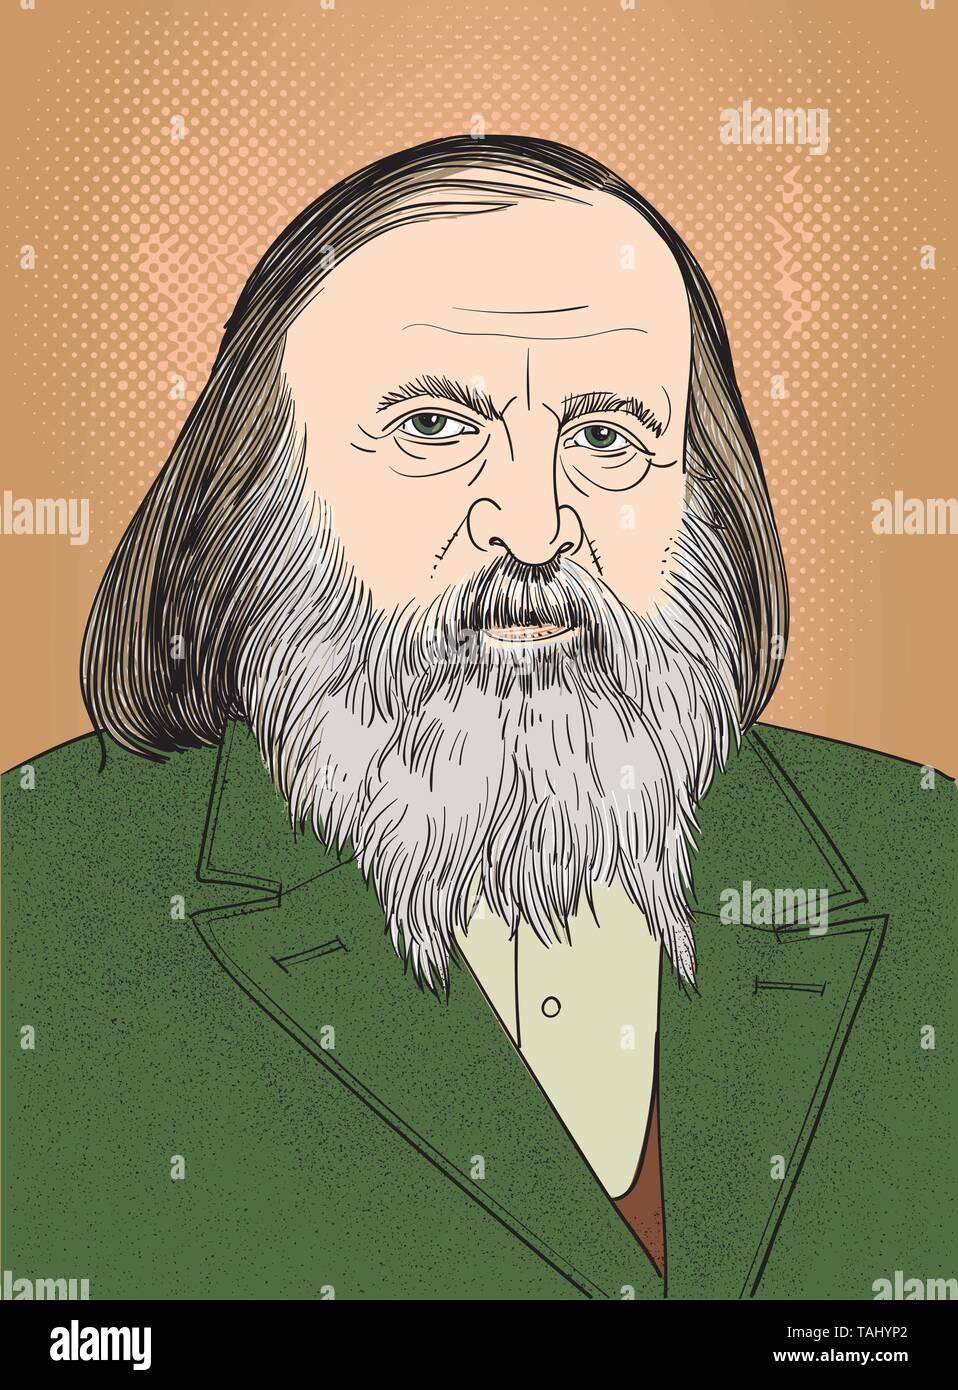 Chemist Dmitri Mendeleev drawing portrait, vector. - Stock Vector